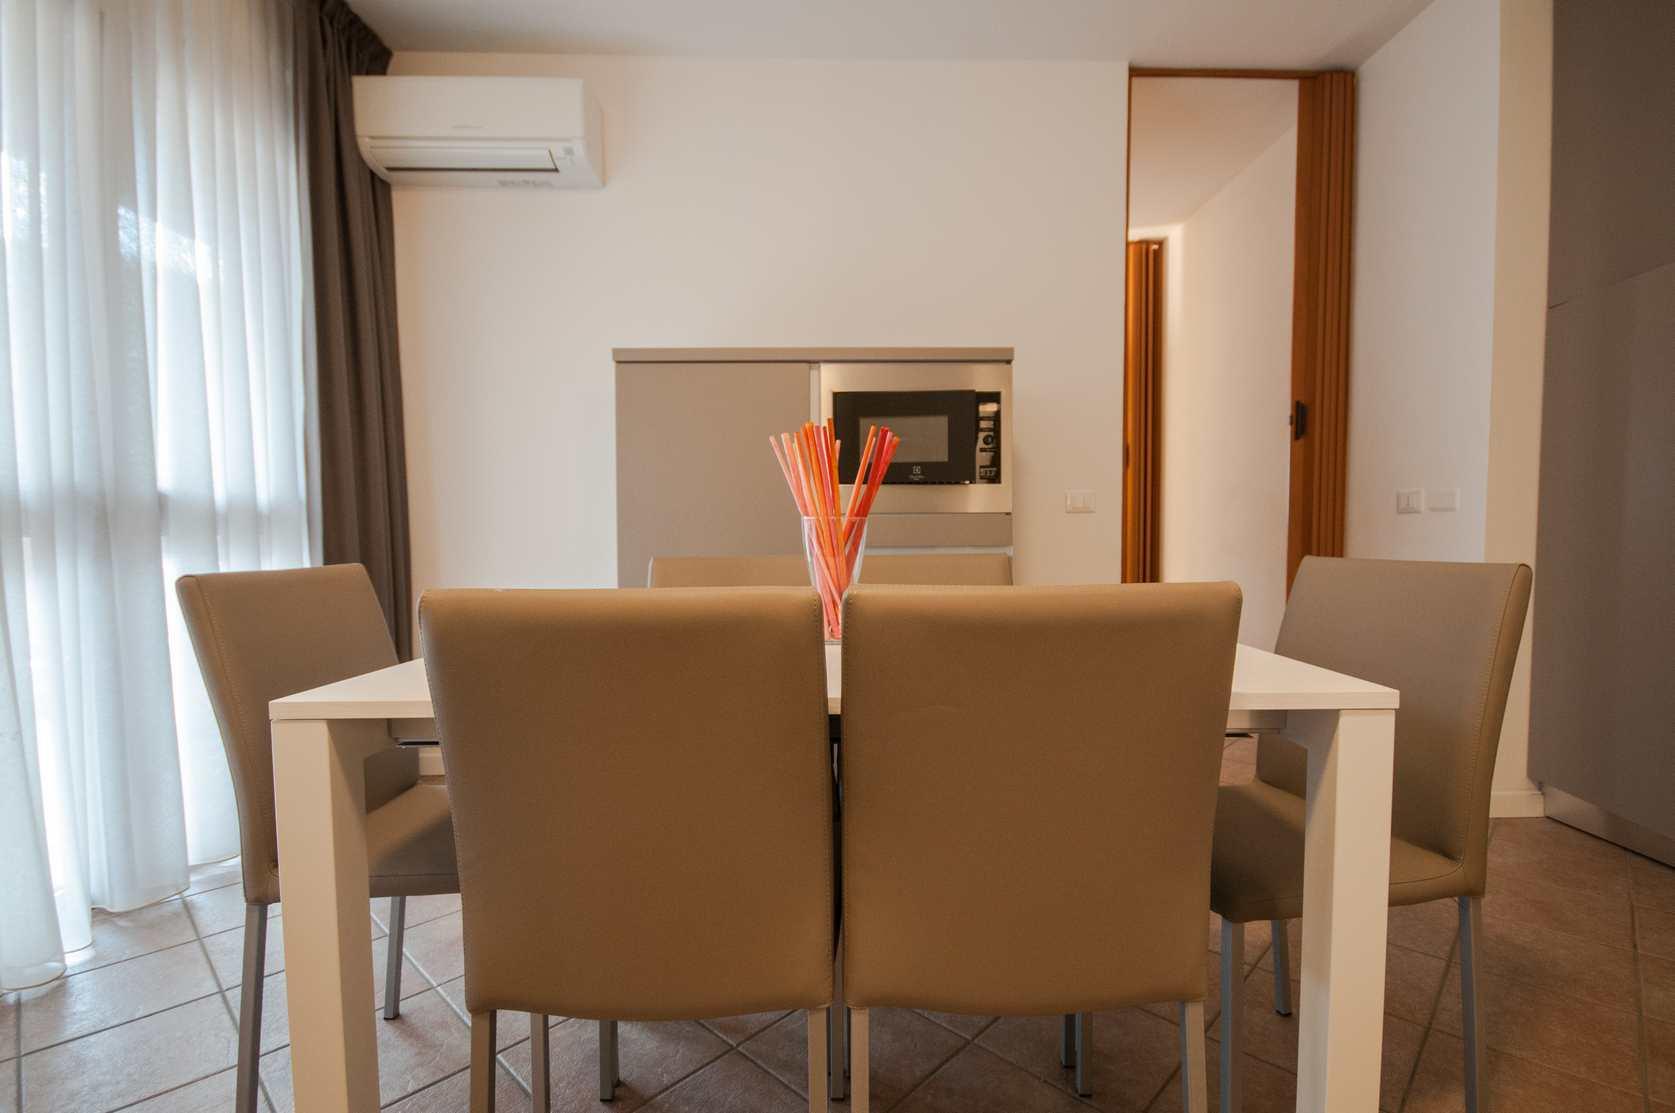 Foto Sala da Pranzo - Residence Vacanze Milano Marittima - Appartamento Vacanze - Trilocale